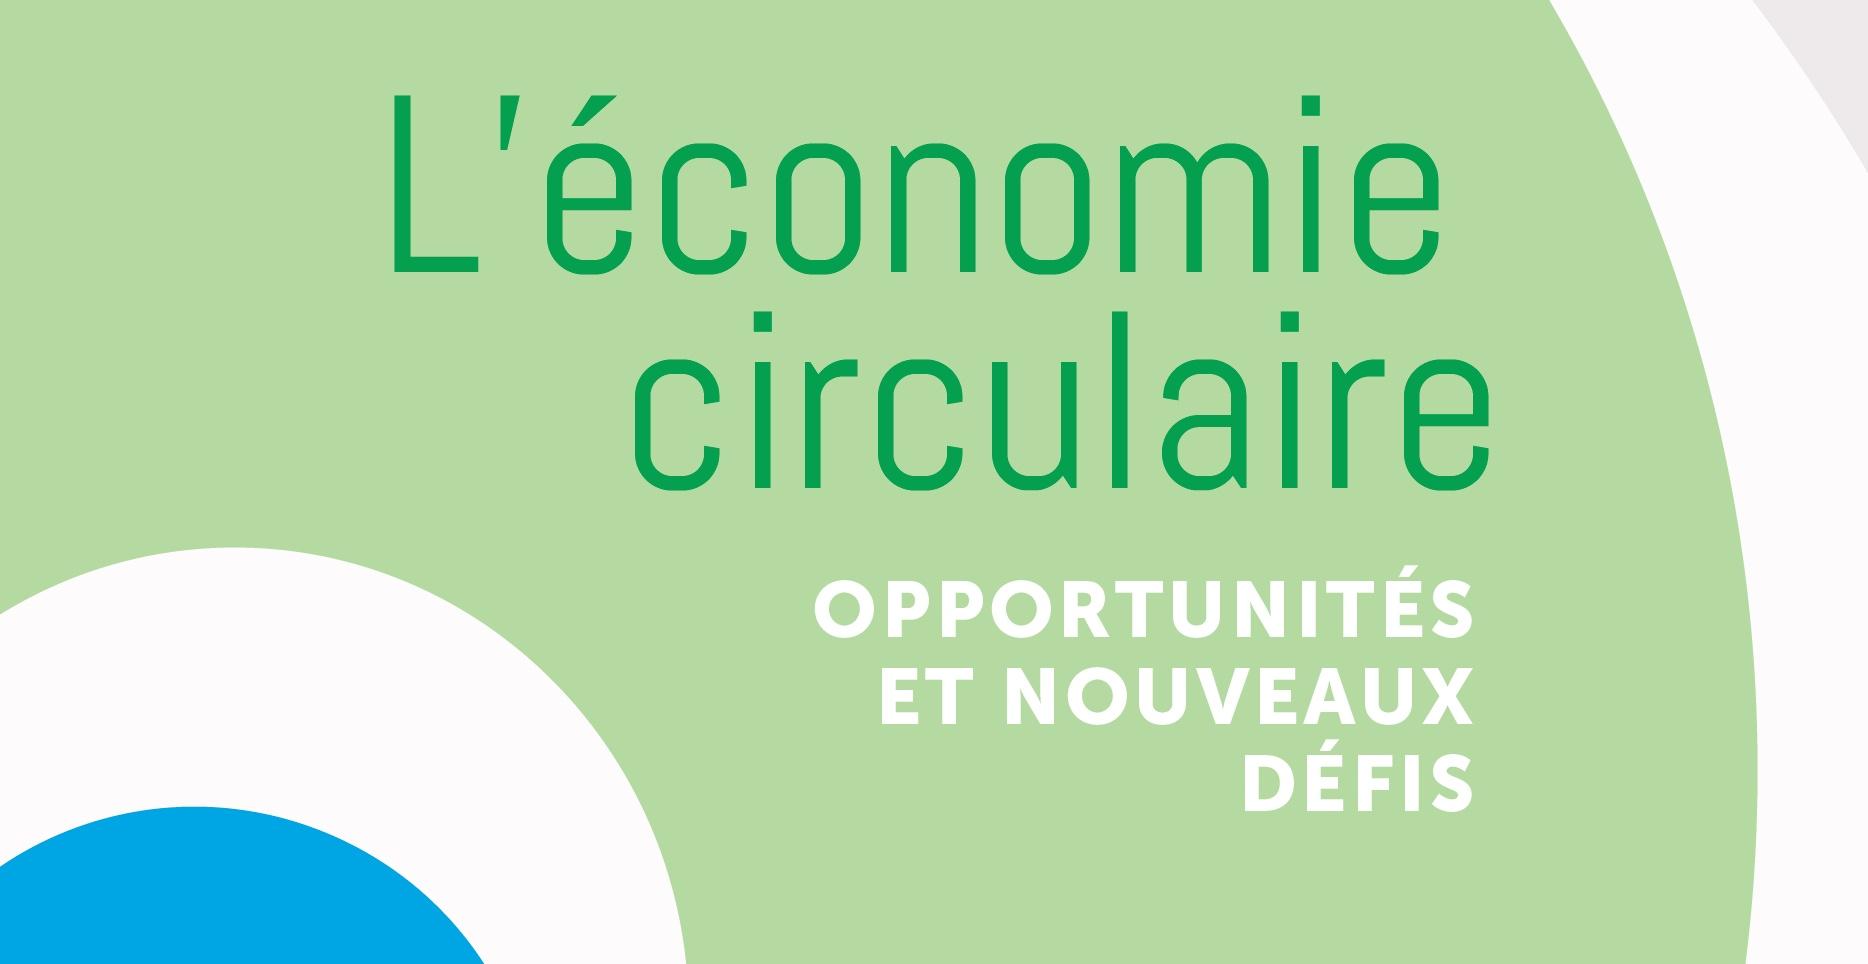 Publication brochure : Défis et Opportunités de l'économie circulaire pour les délégués et militants syndicaux